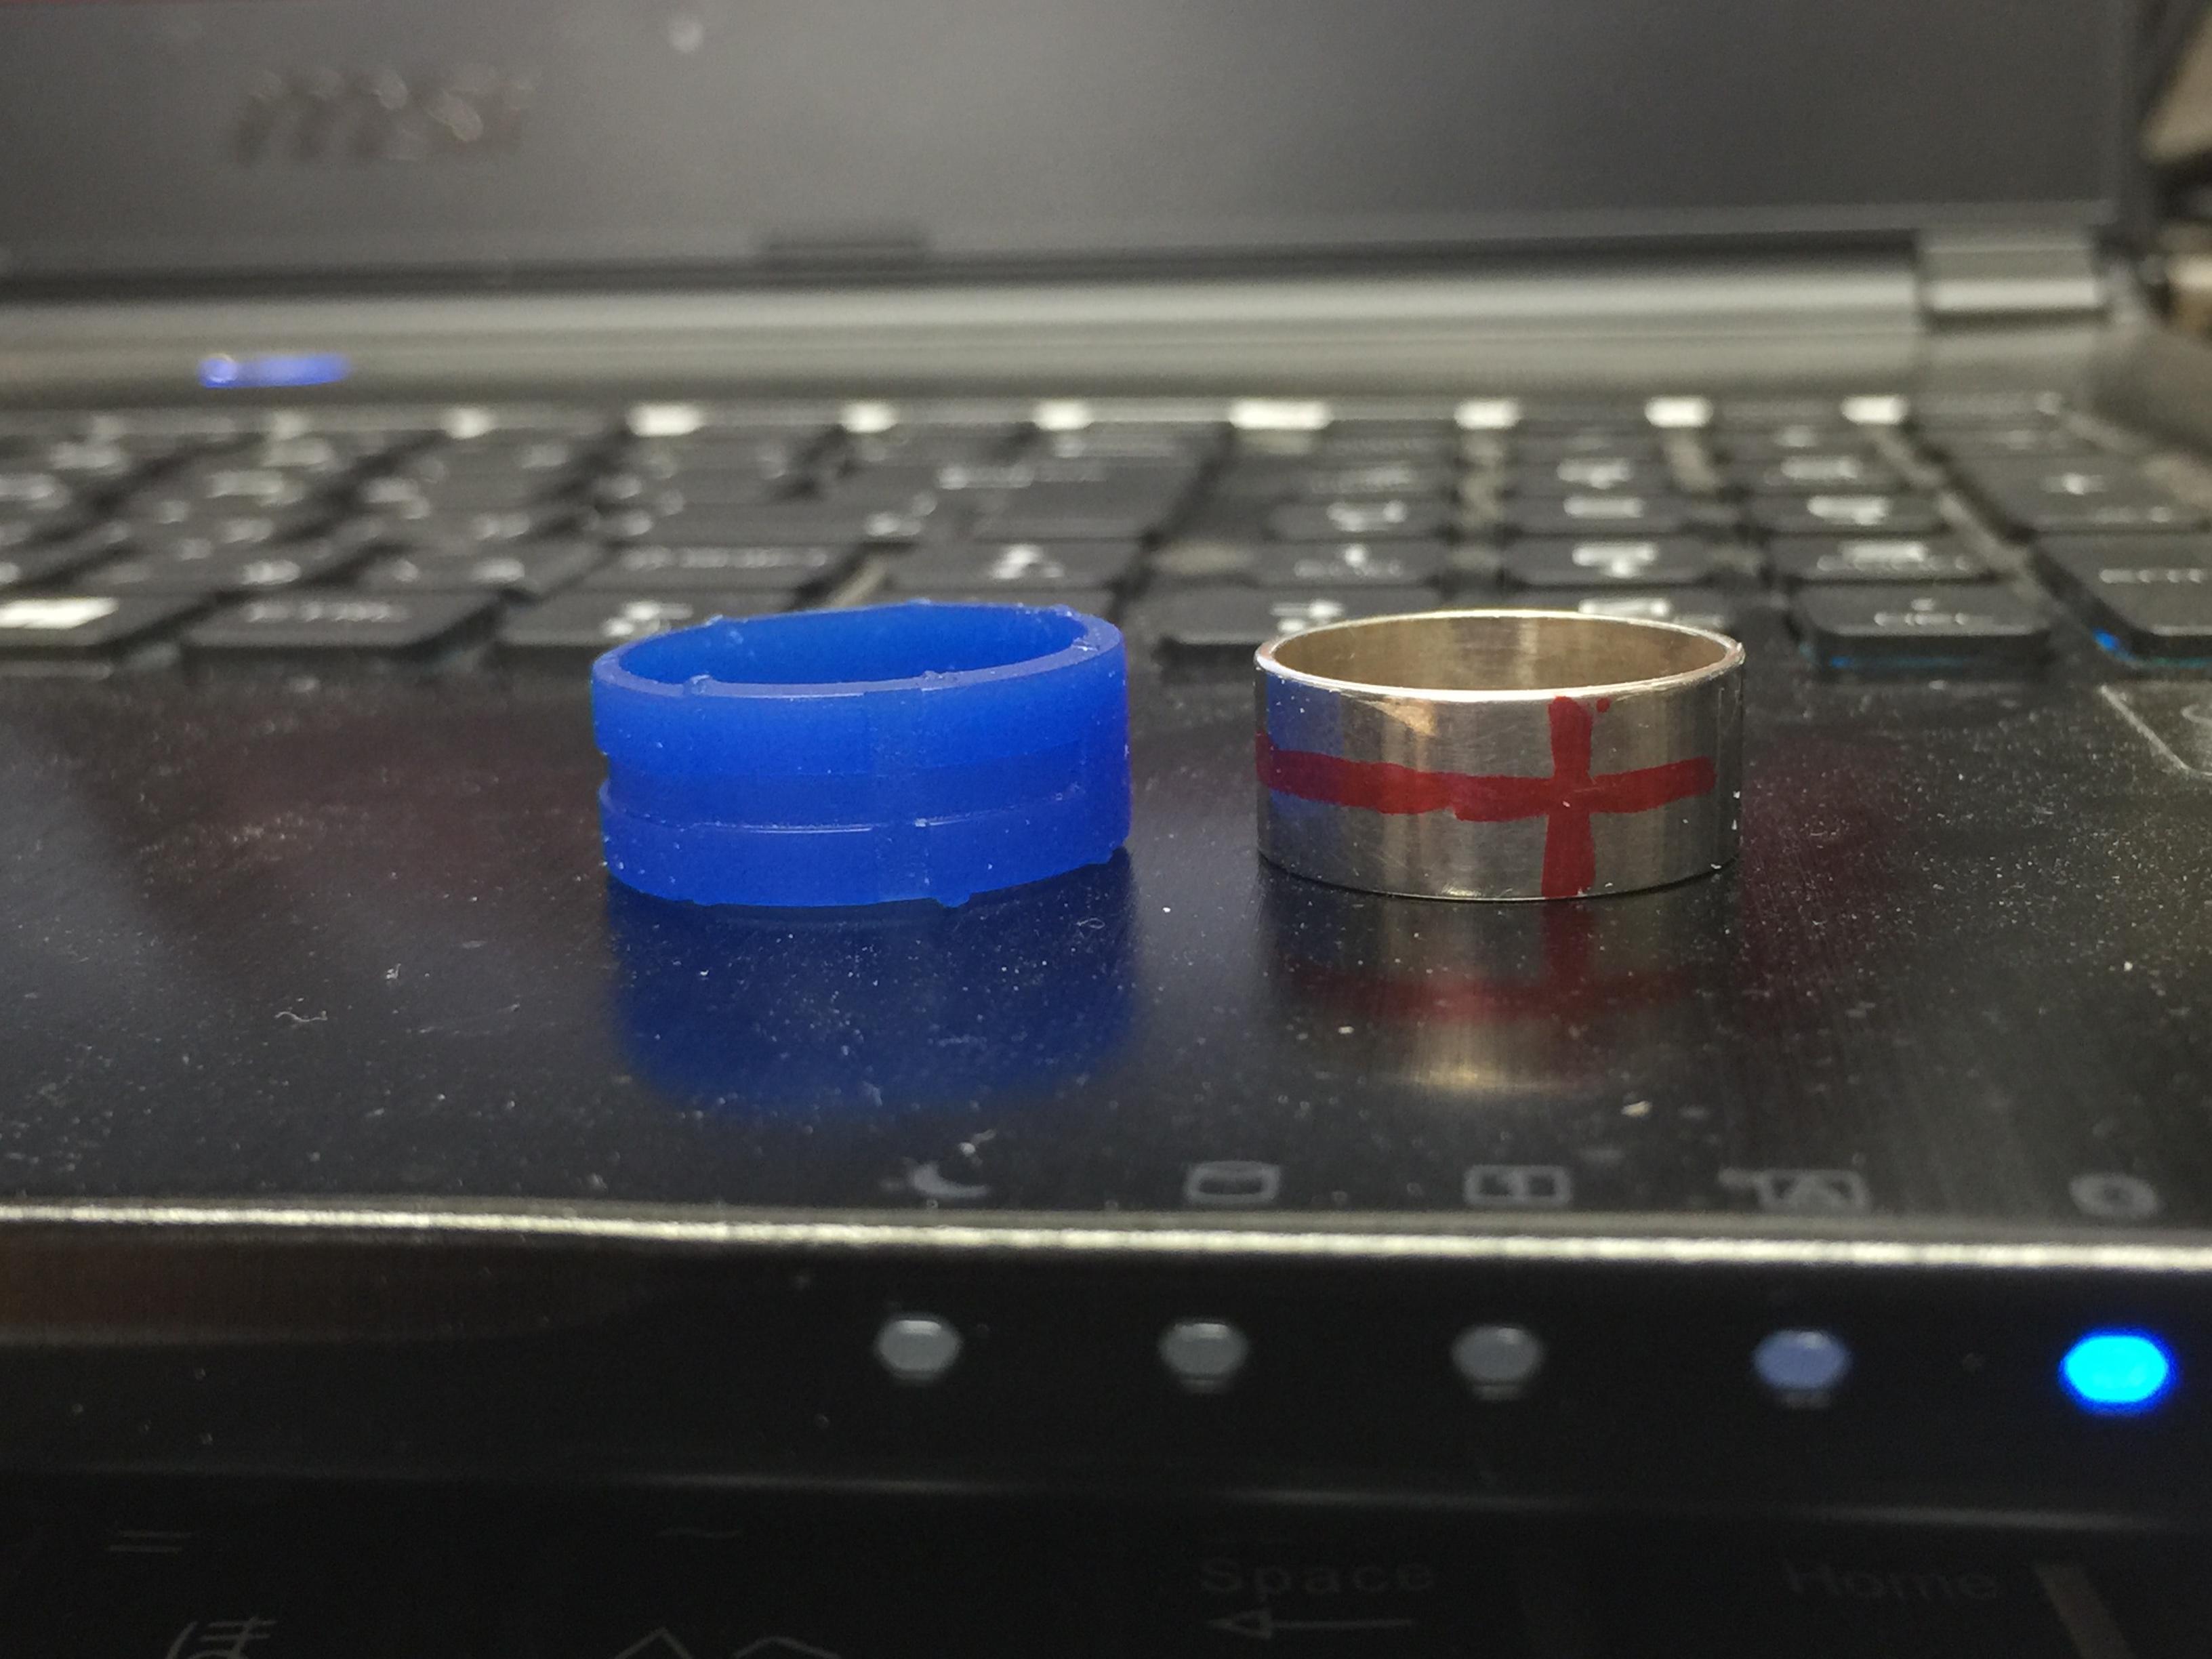 普通でシンプルなデザインこそ3D-CADでデザインし3Dプリンターで作ると きれいなんです!